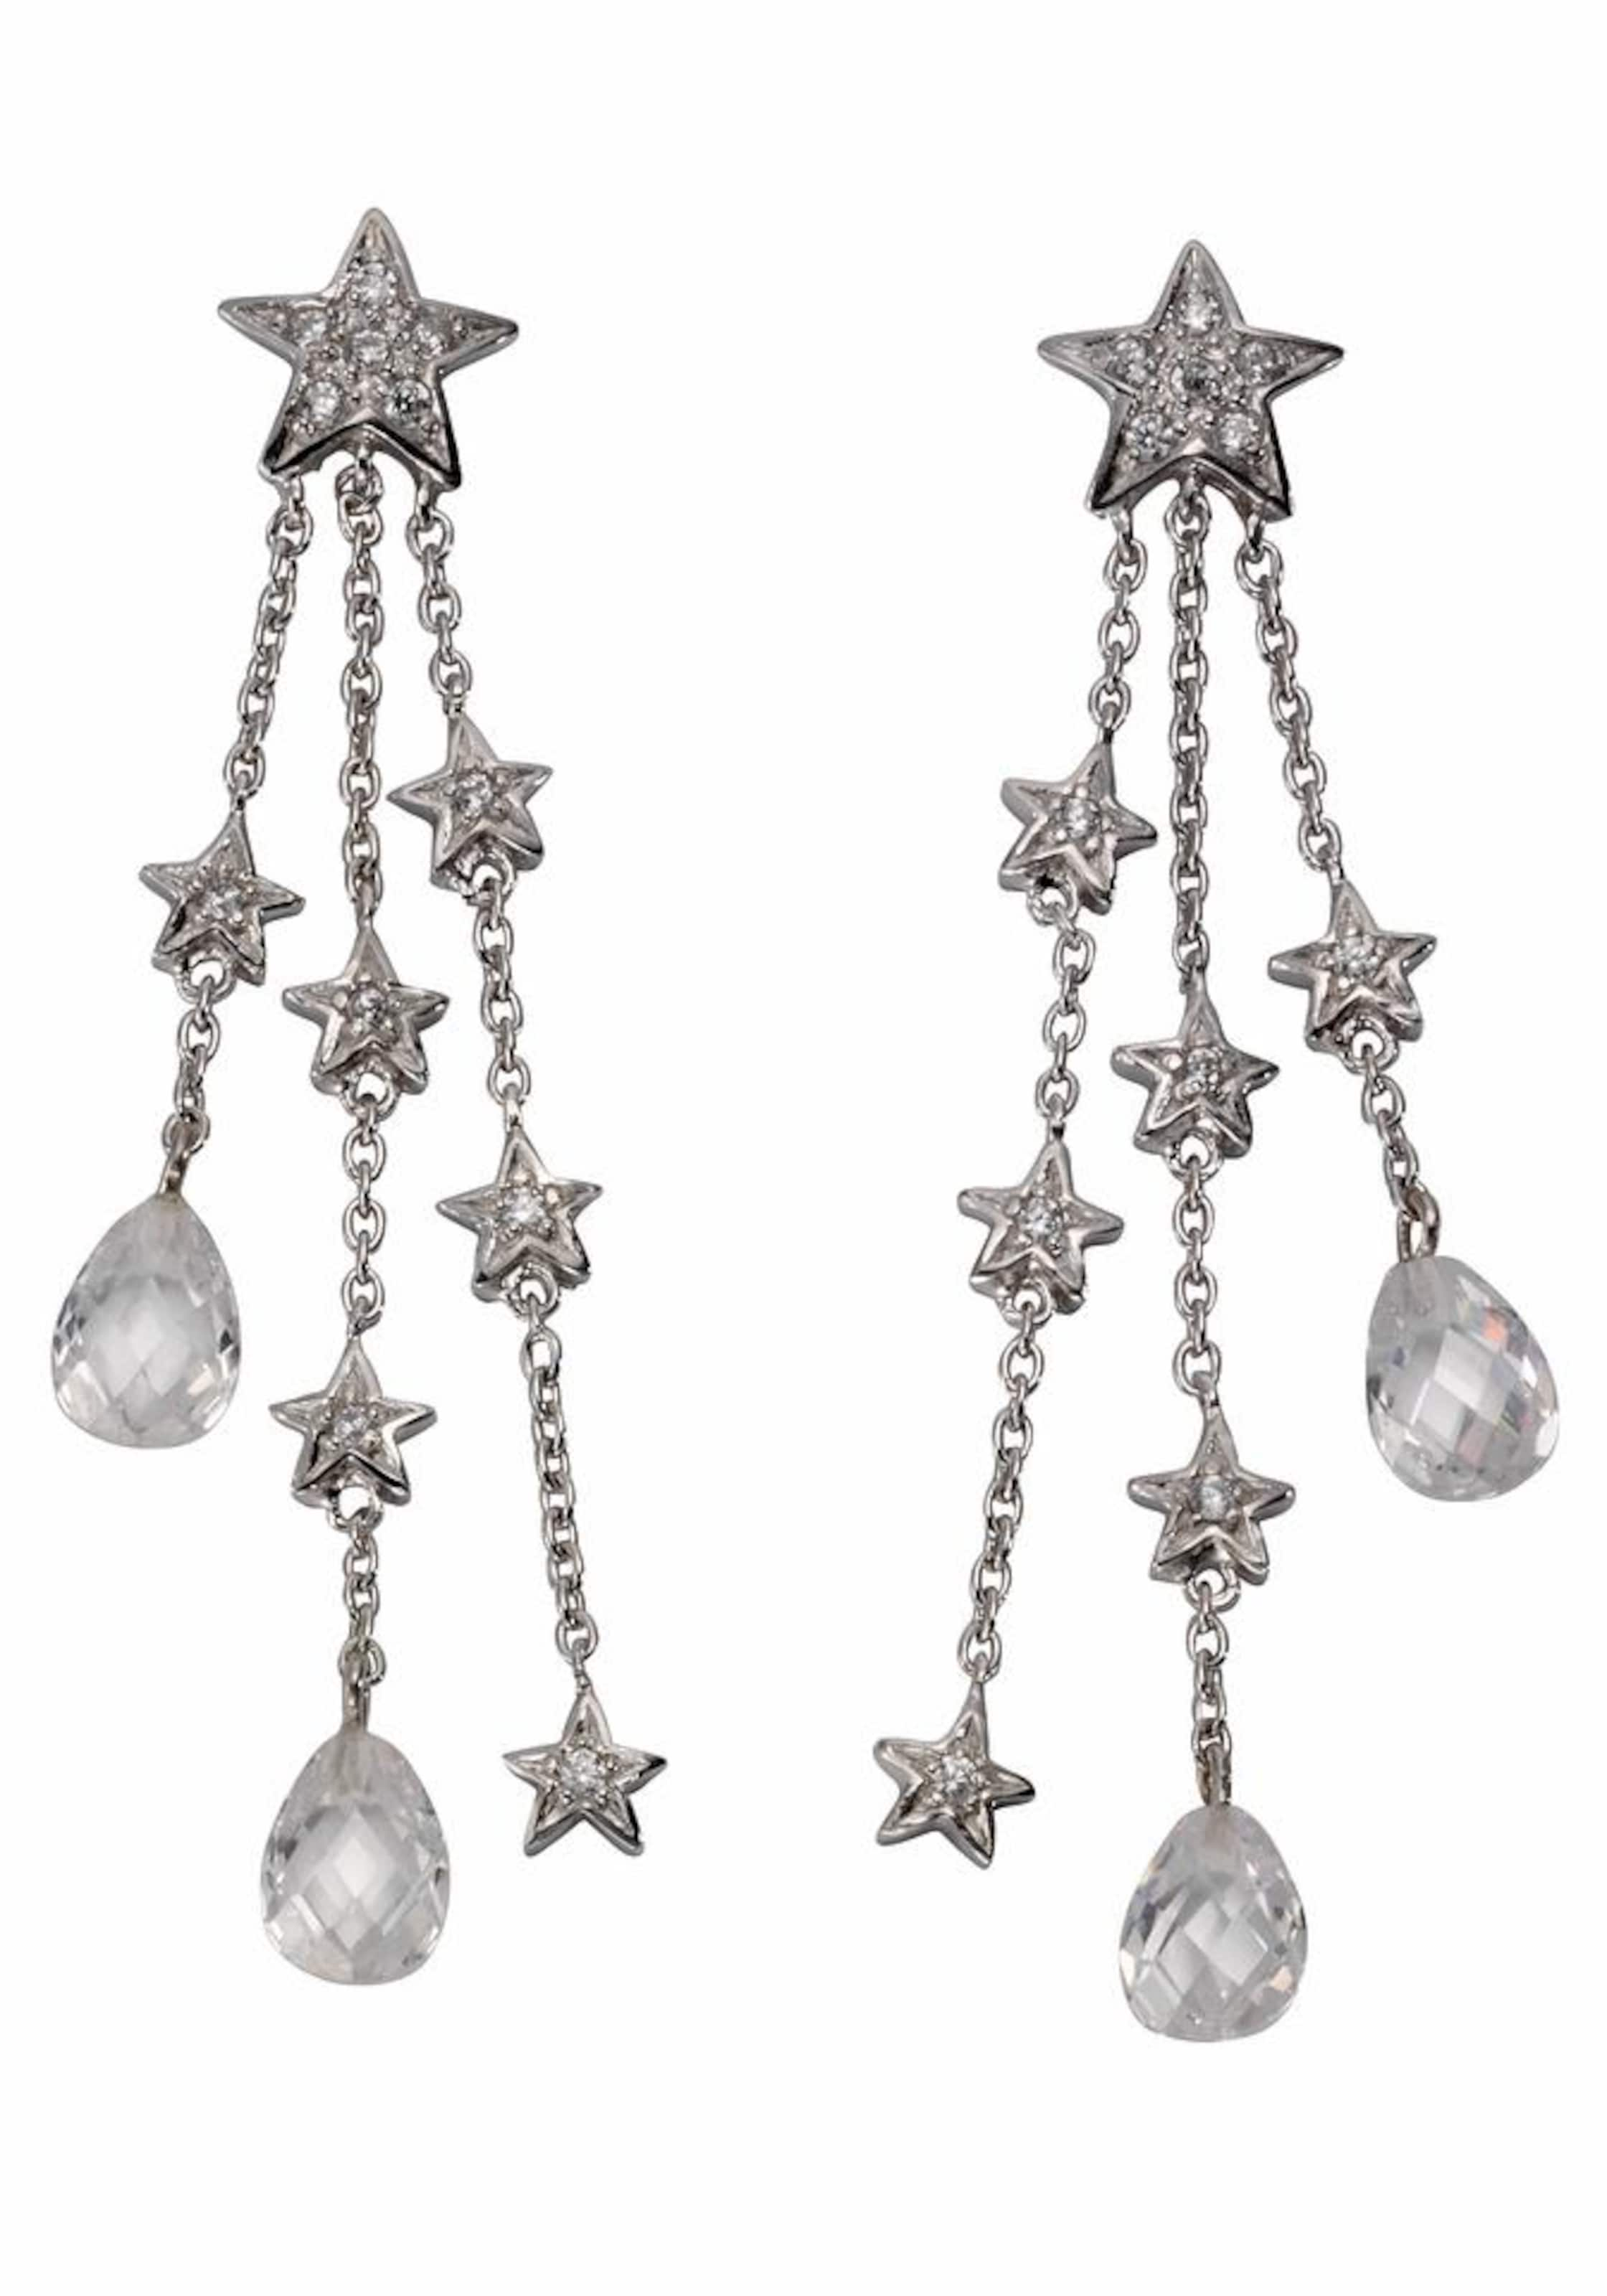 FIRETTI Paar Ohrstecker 'Sterne' Angebote Zum Verkauf Neuesten Kollektionen Online Rabatt Authentisch Günstige Preise Und Verfügbarkeit Mode Günstig Online 2PHNjHCLB